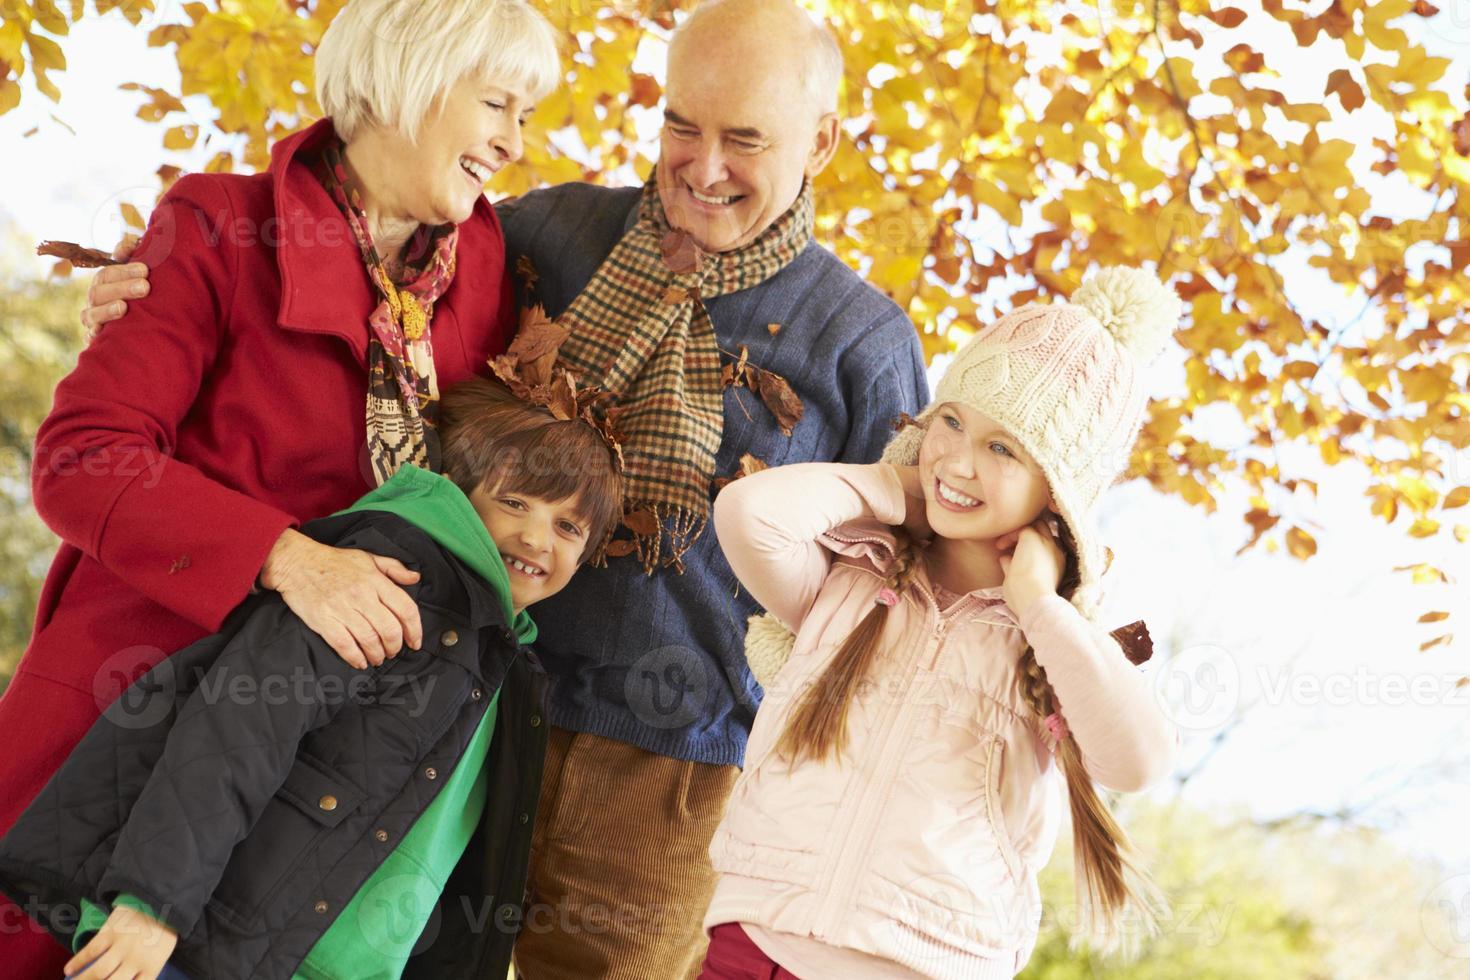 avós e netos brincando debaixo da árvore de outono foto